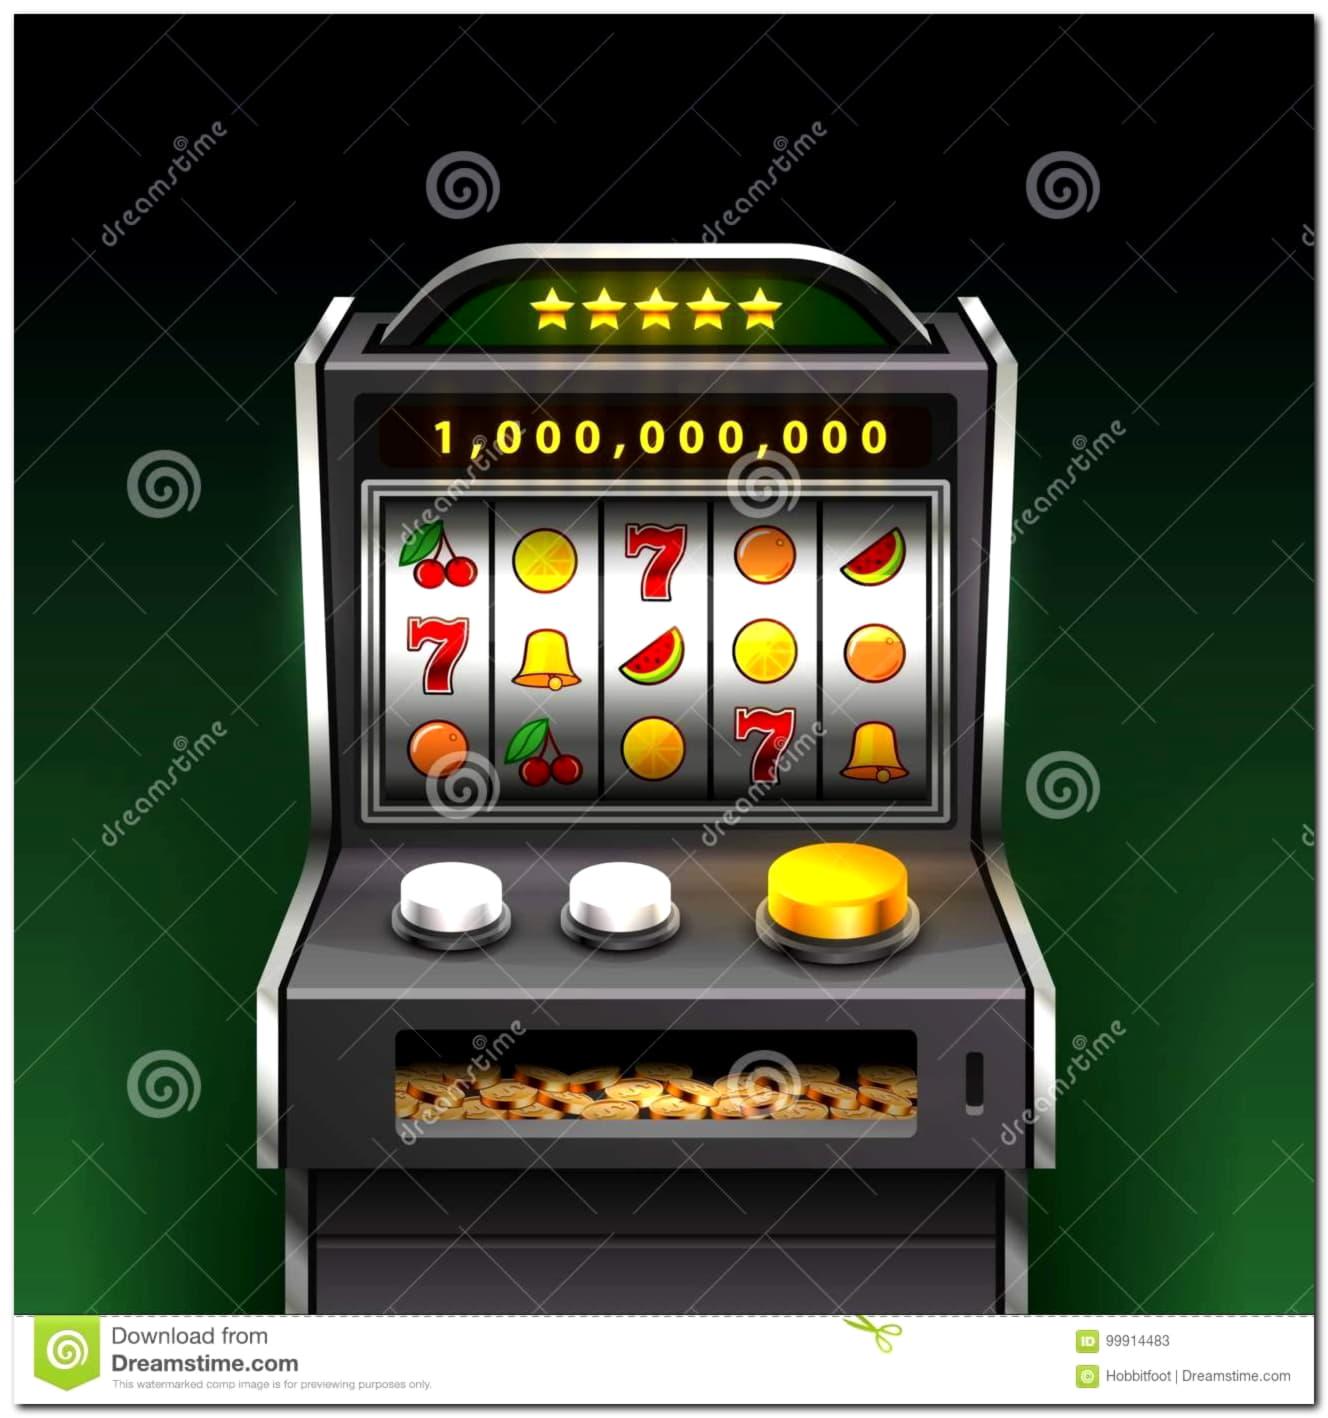 55 FreeはBGOカジノで入金カジノをスピンしません